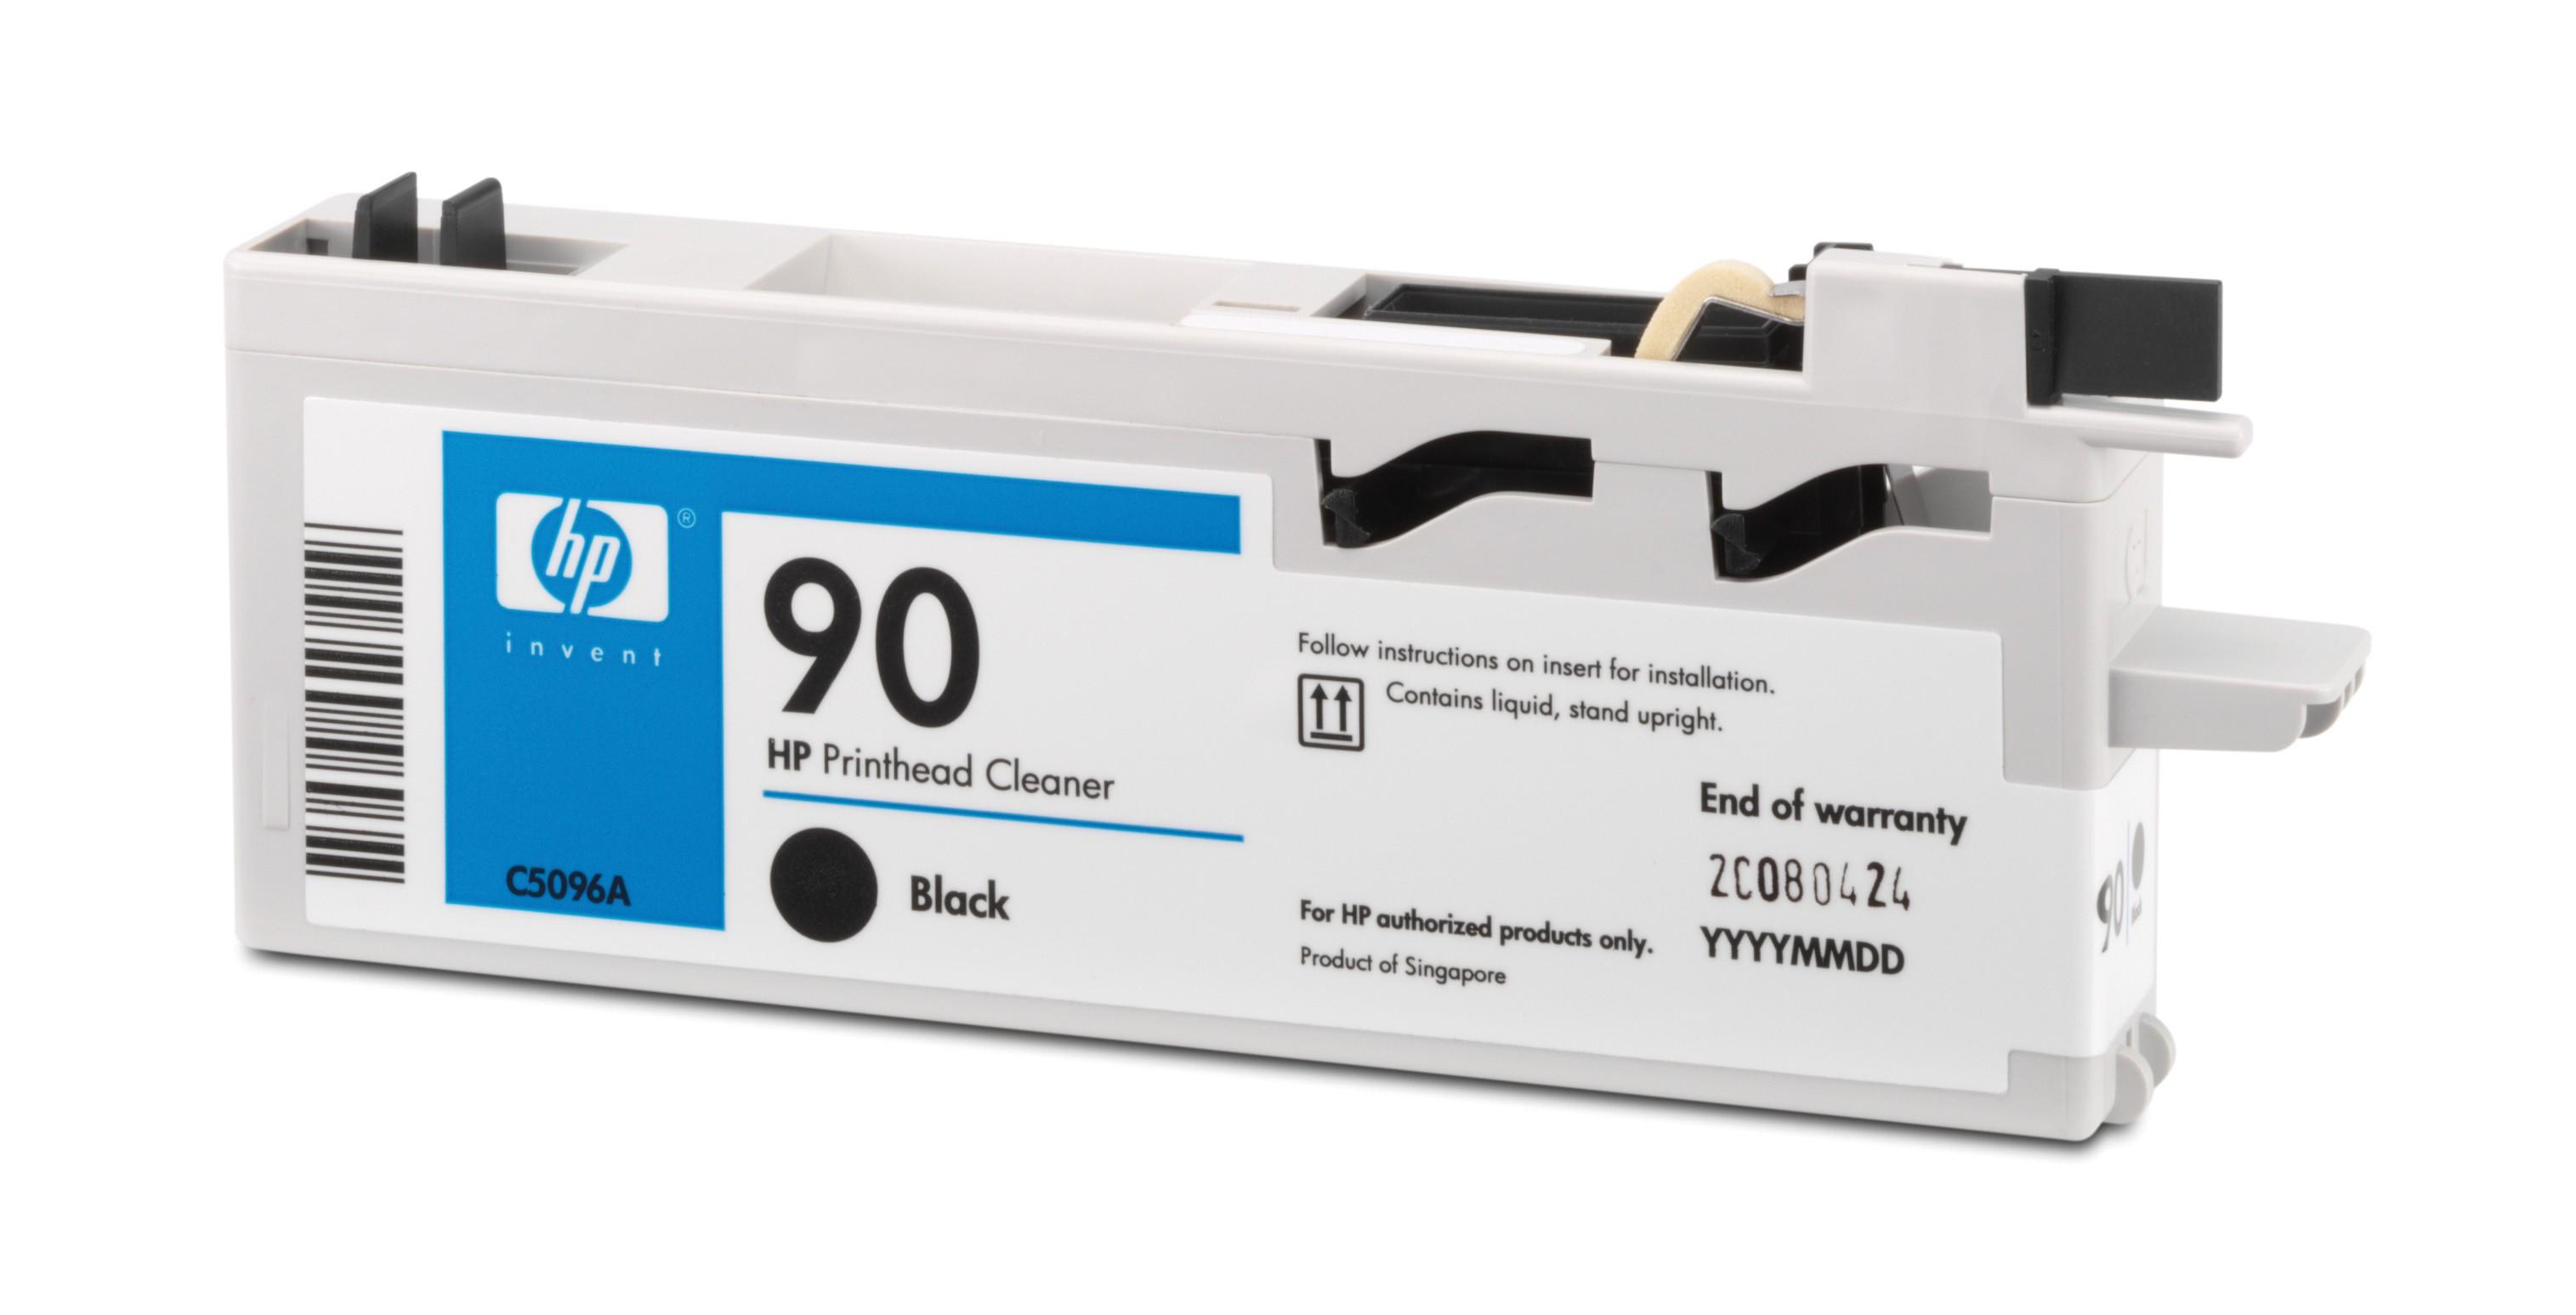 Hp C5096A  Testina per stampa nero Dispositivo di pulizia per testina